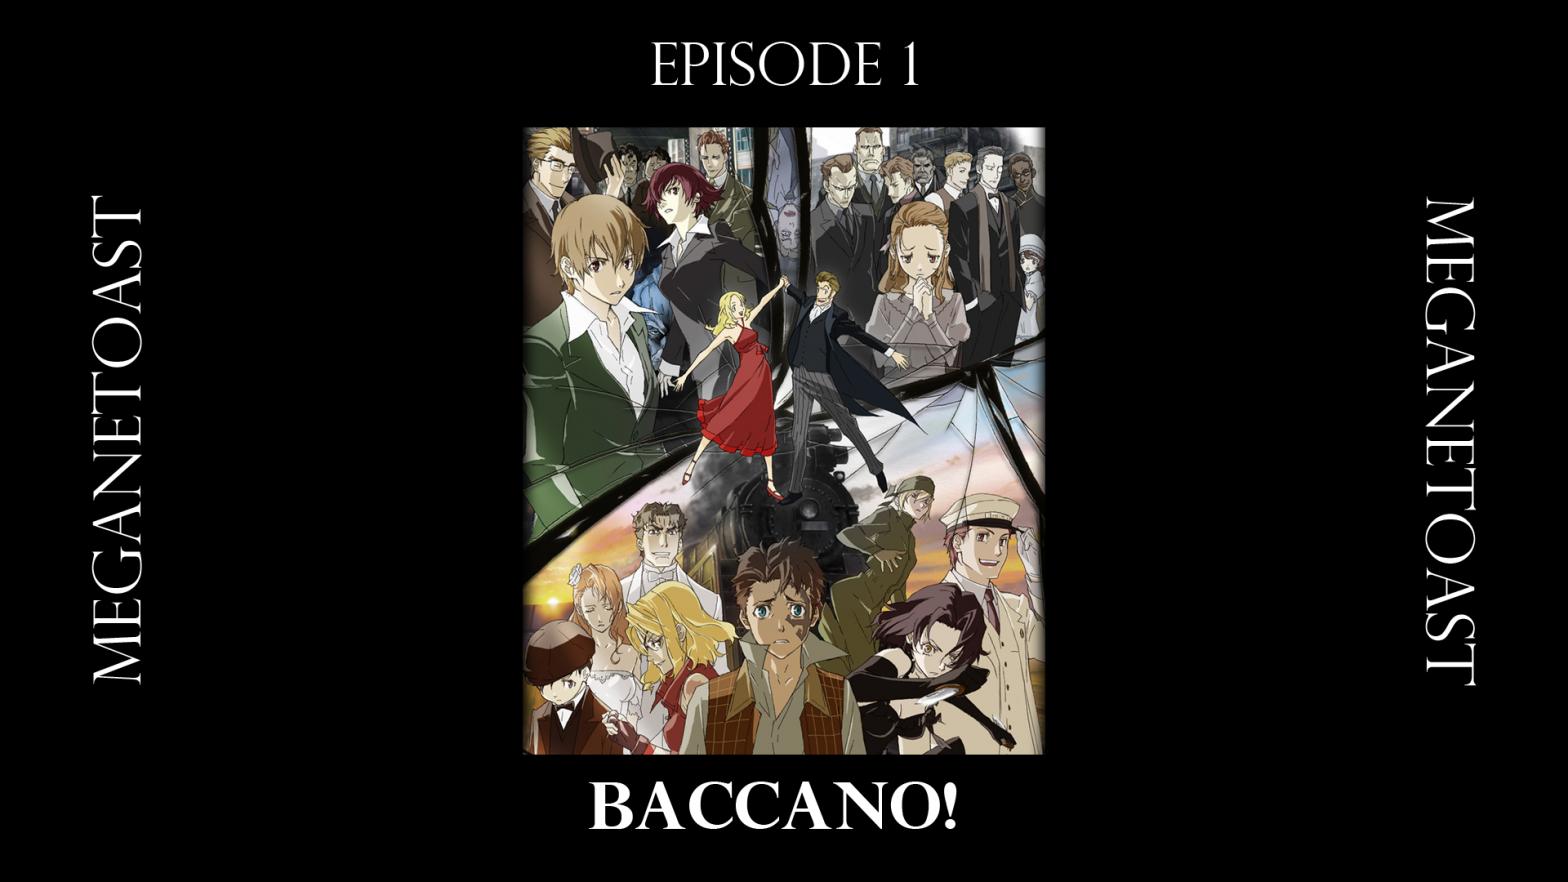 MeganeToast Episode 1: Baccano!